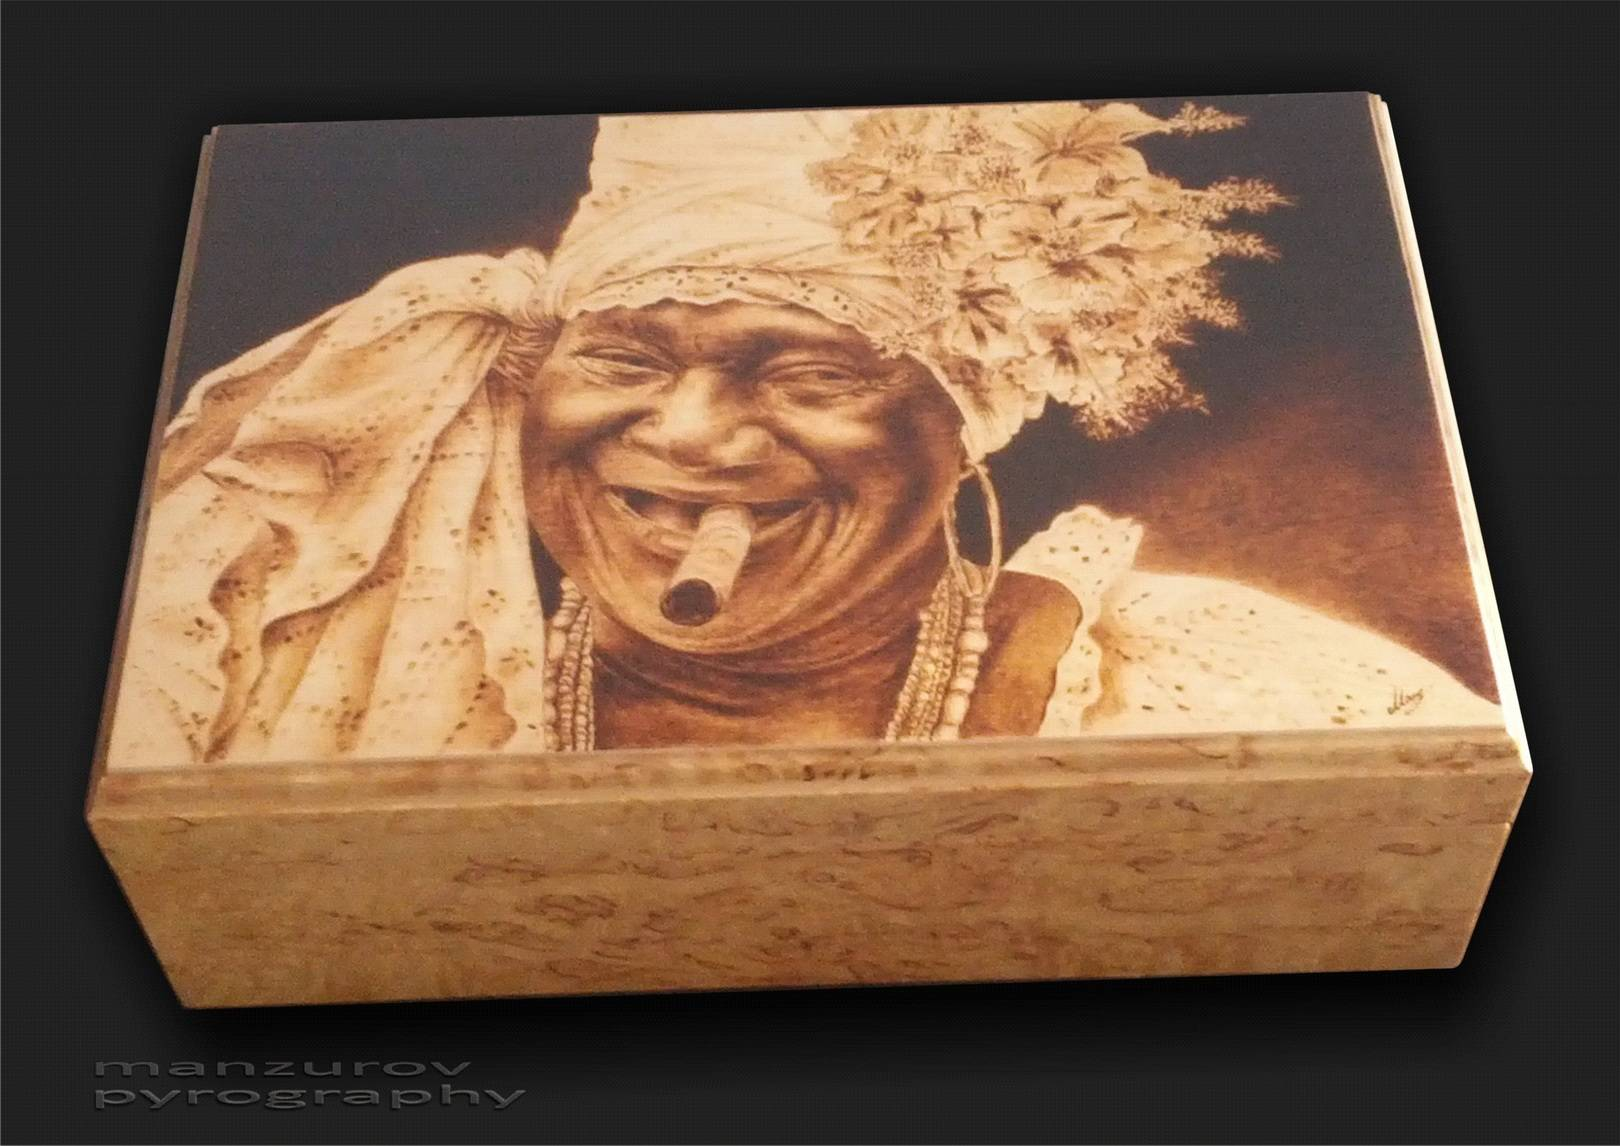 Хюмидор. Пирография,карельская береза, матовый лак. Размер 23х34х15см